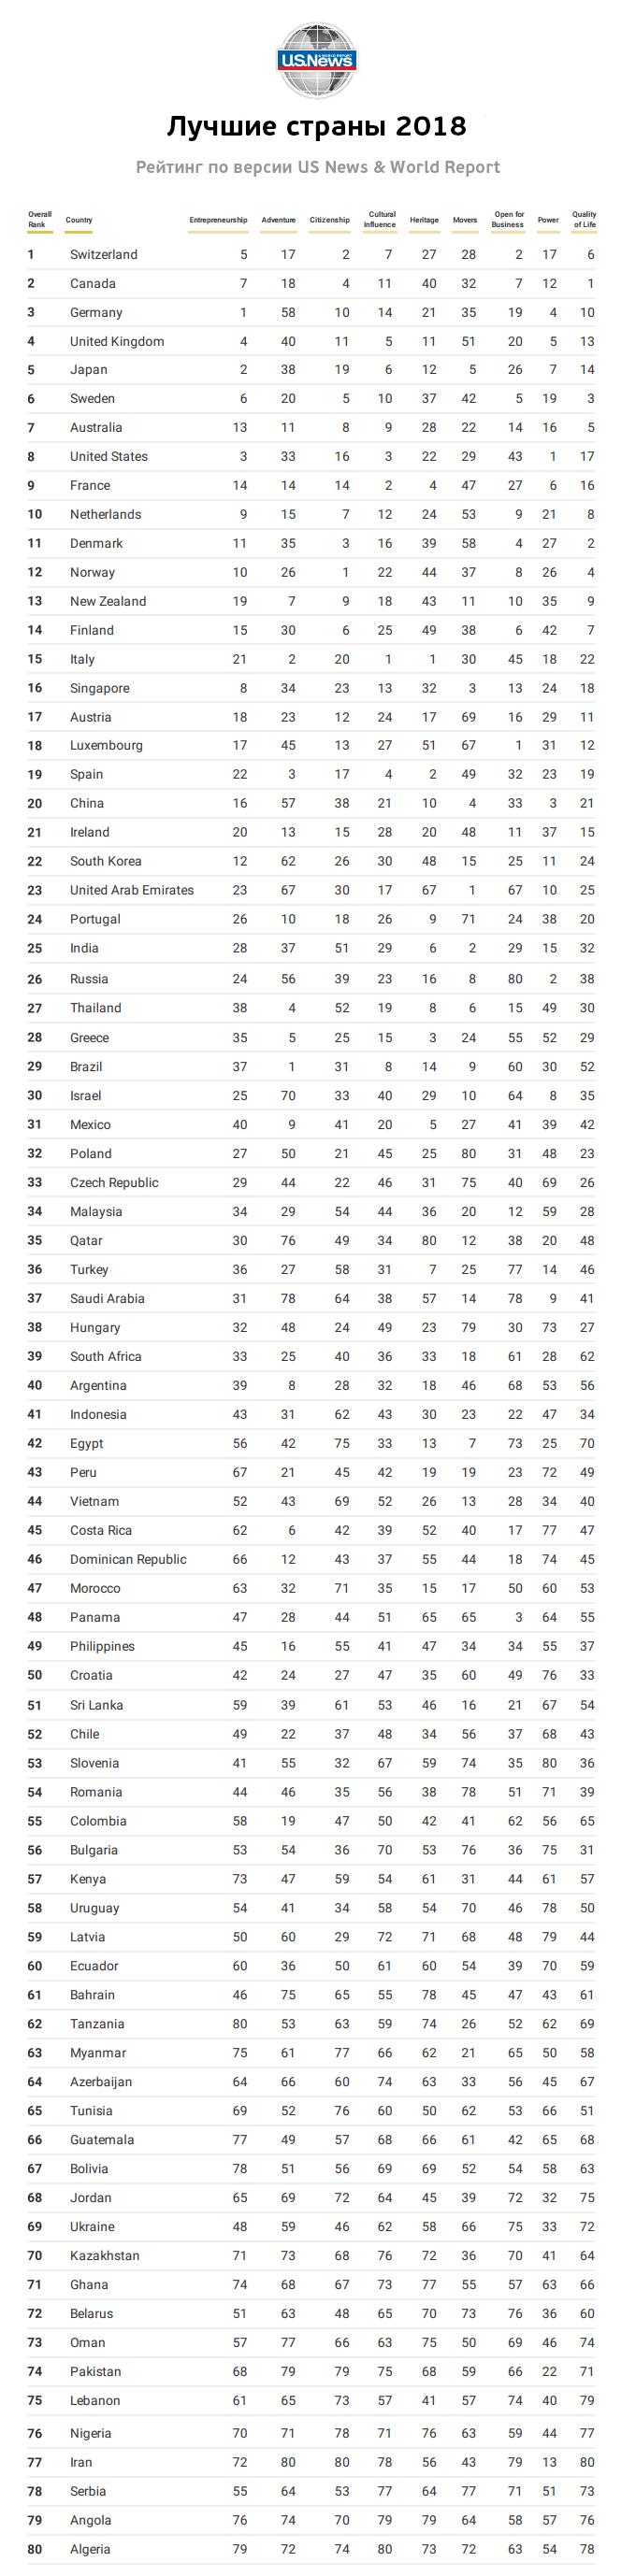 Рейтинг стран по уровню жизни 2018 таблица, полный список